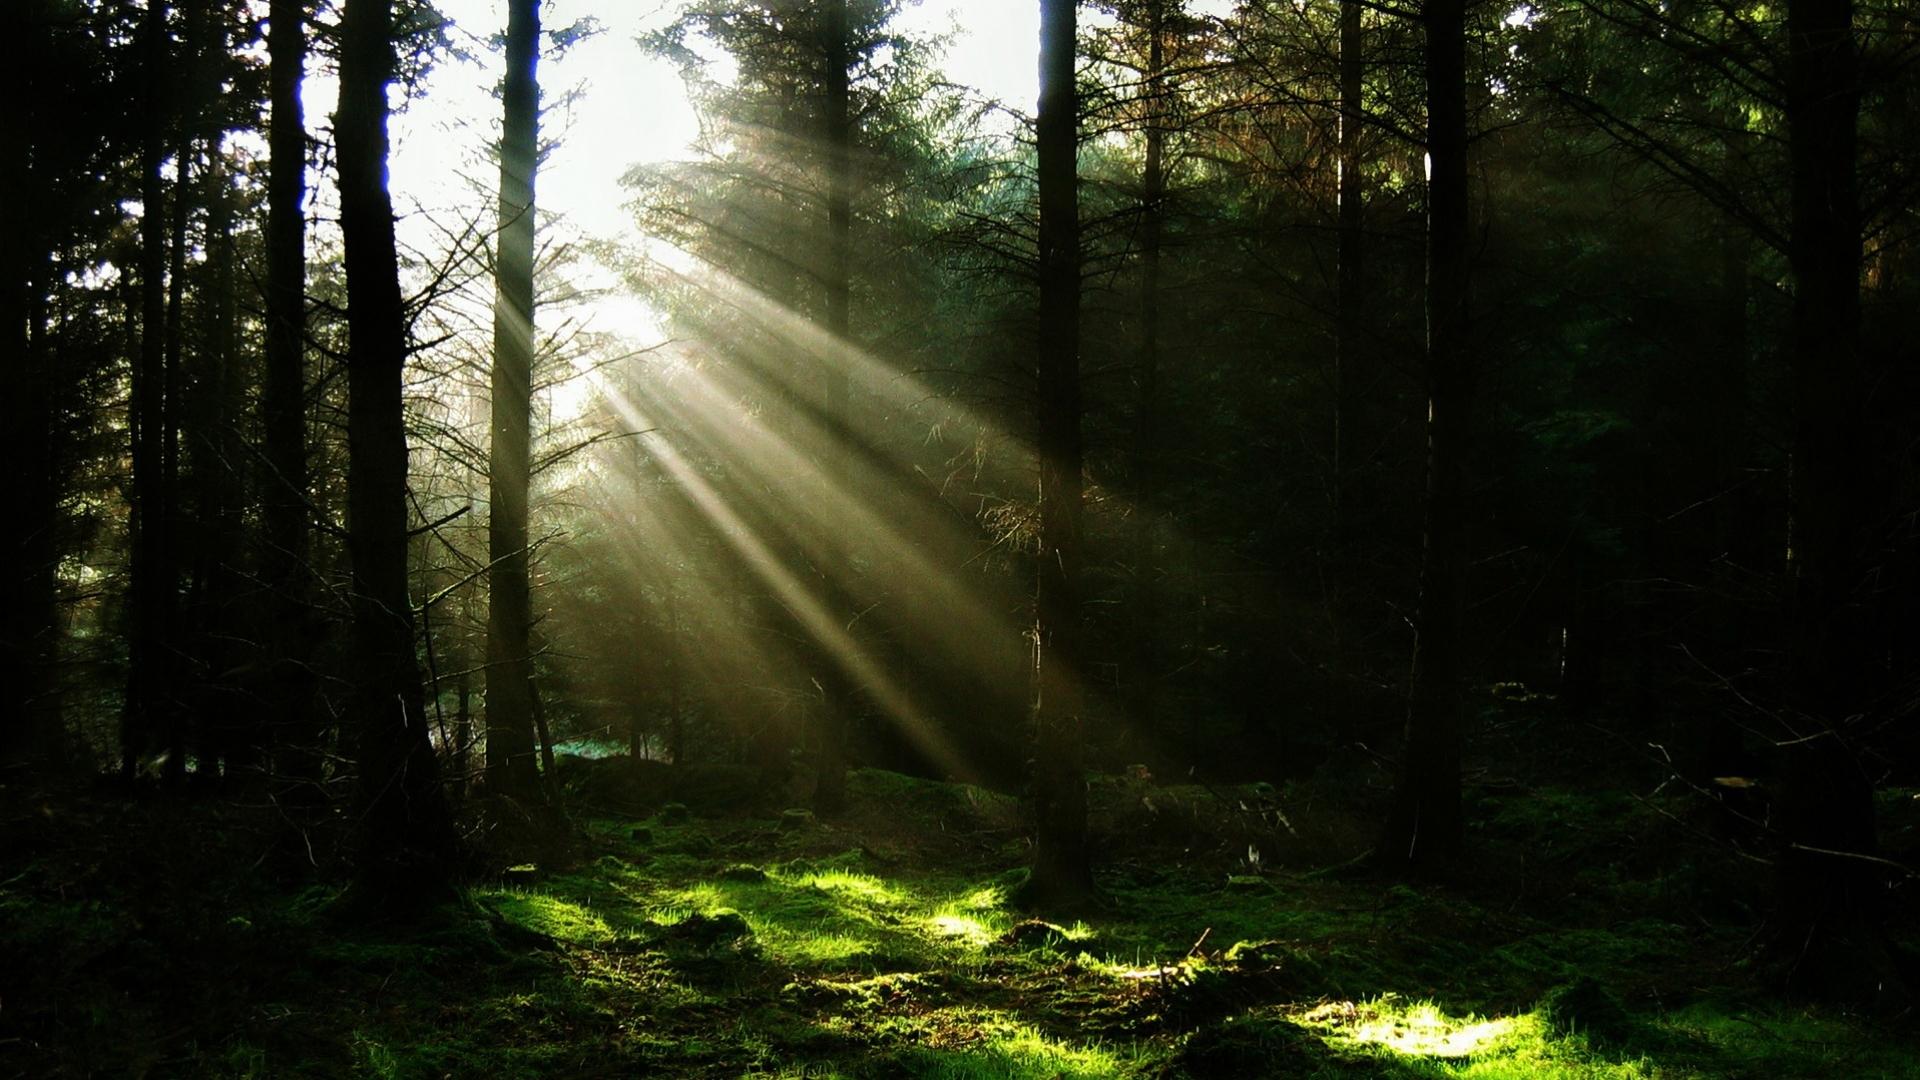 24972 скачать обои Пейзаж, Деревья, Трава, Солнце - заставки и картинки бесплатно